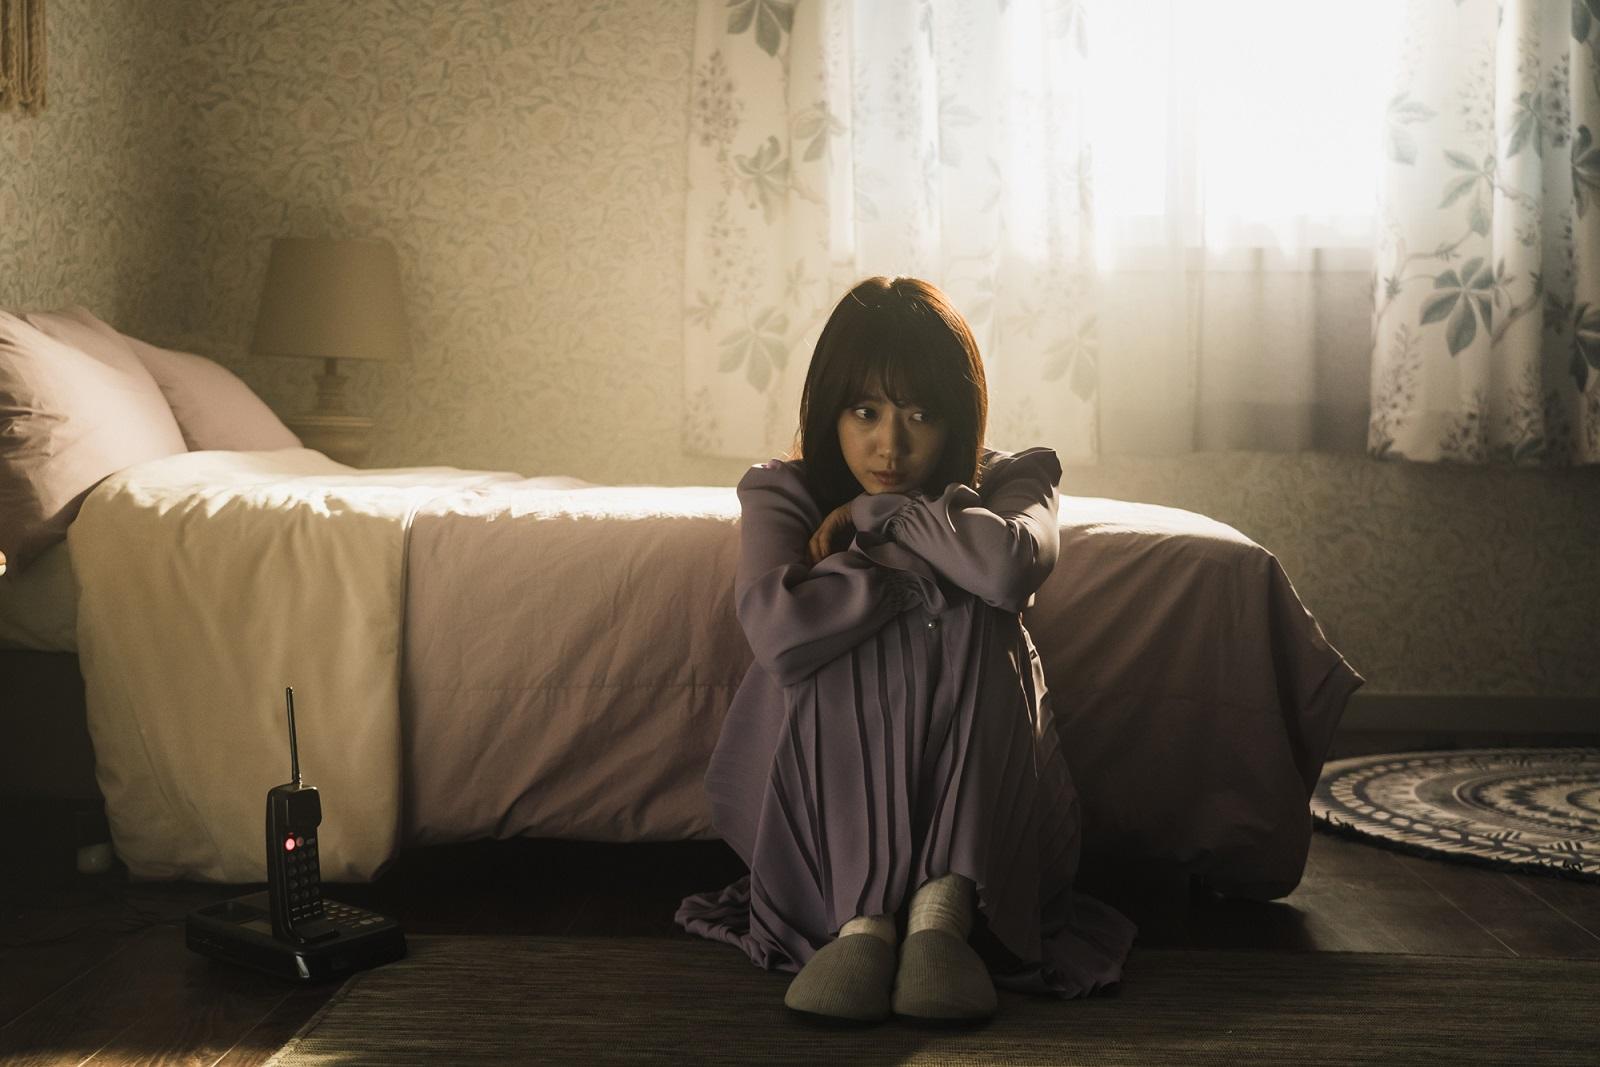 《聲命線索》朴信惠出道19年首拍驚悚片 搭「怪物新人」挑戰燒腦穿越神劇